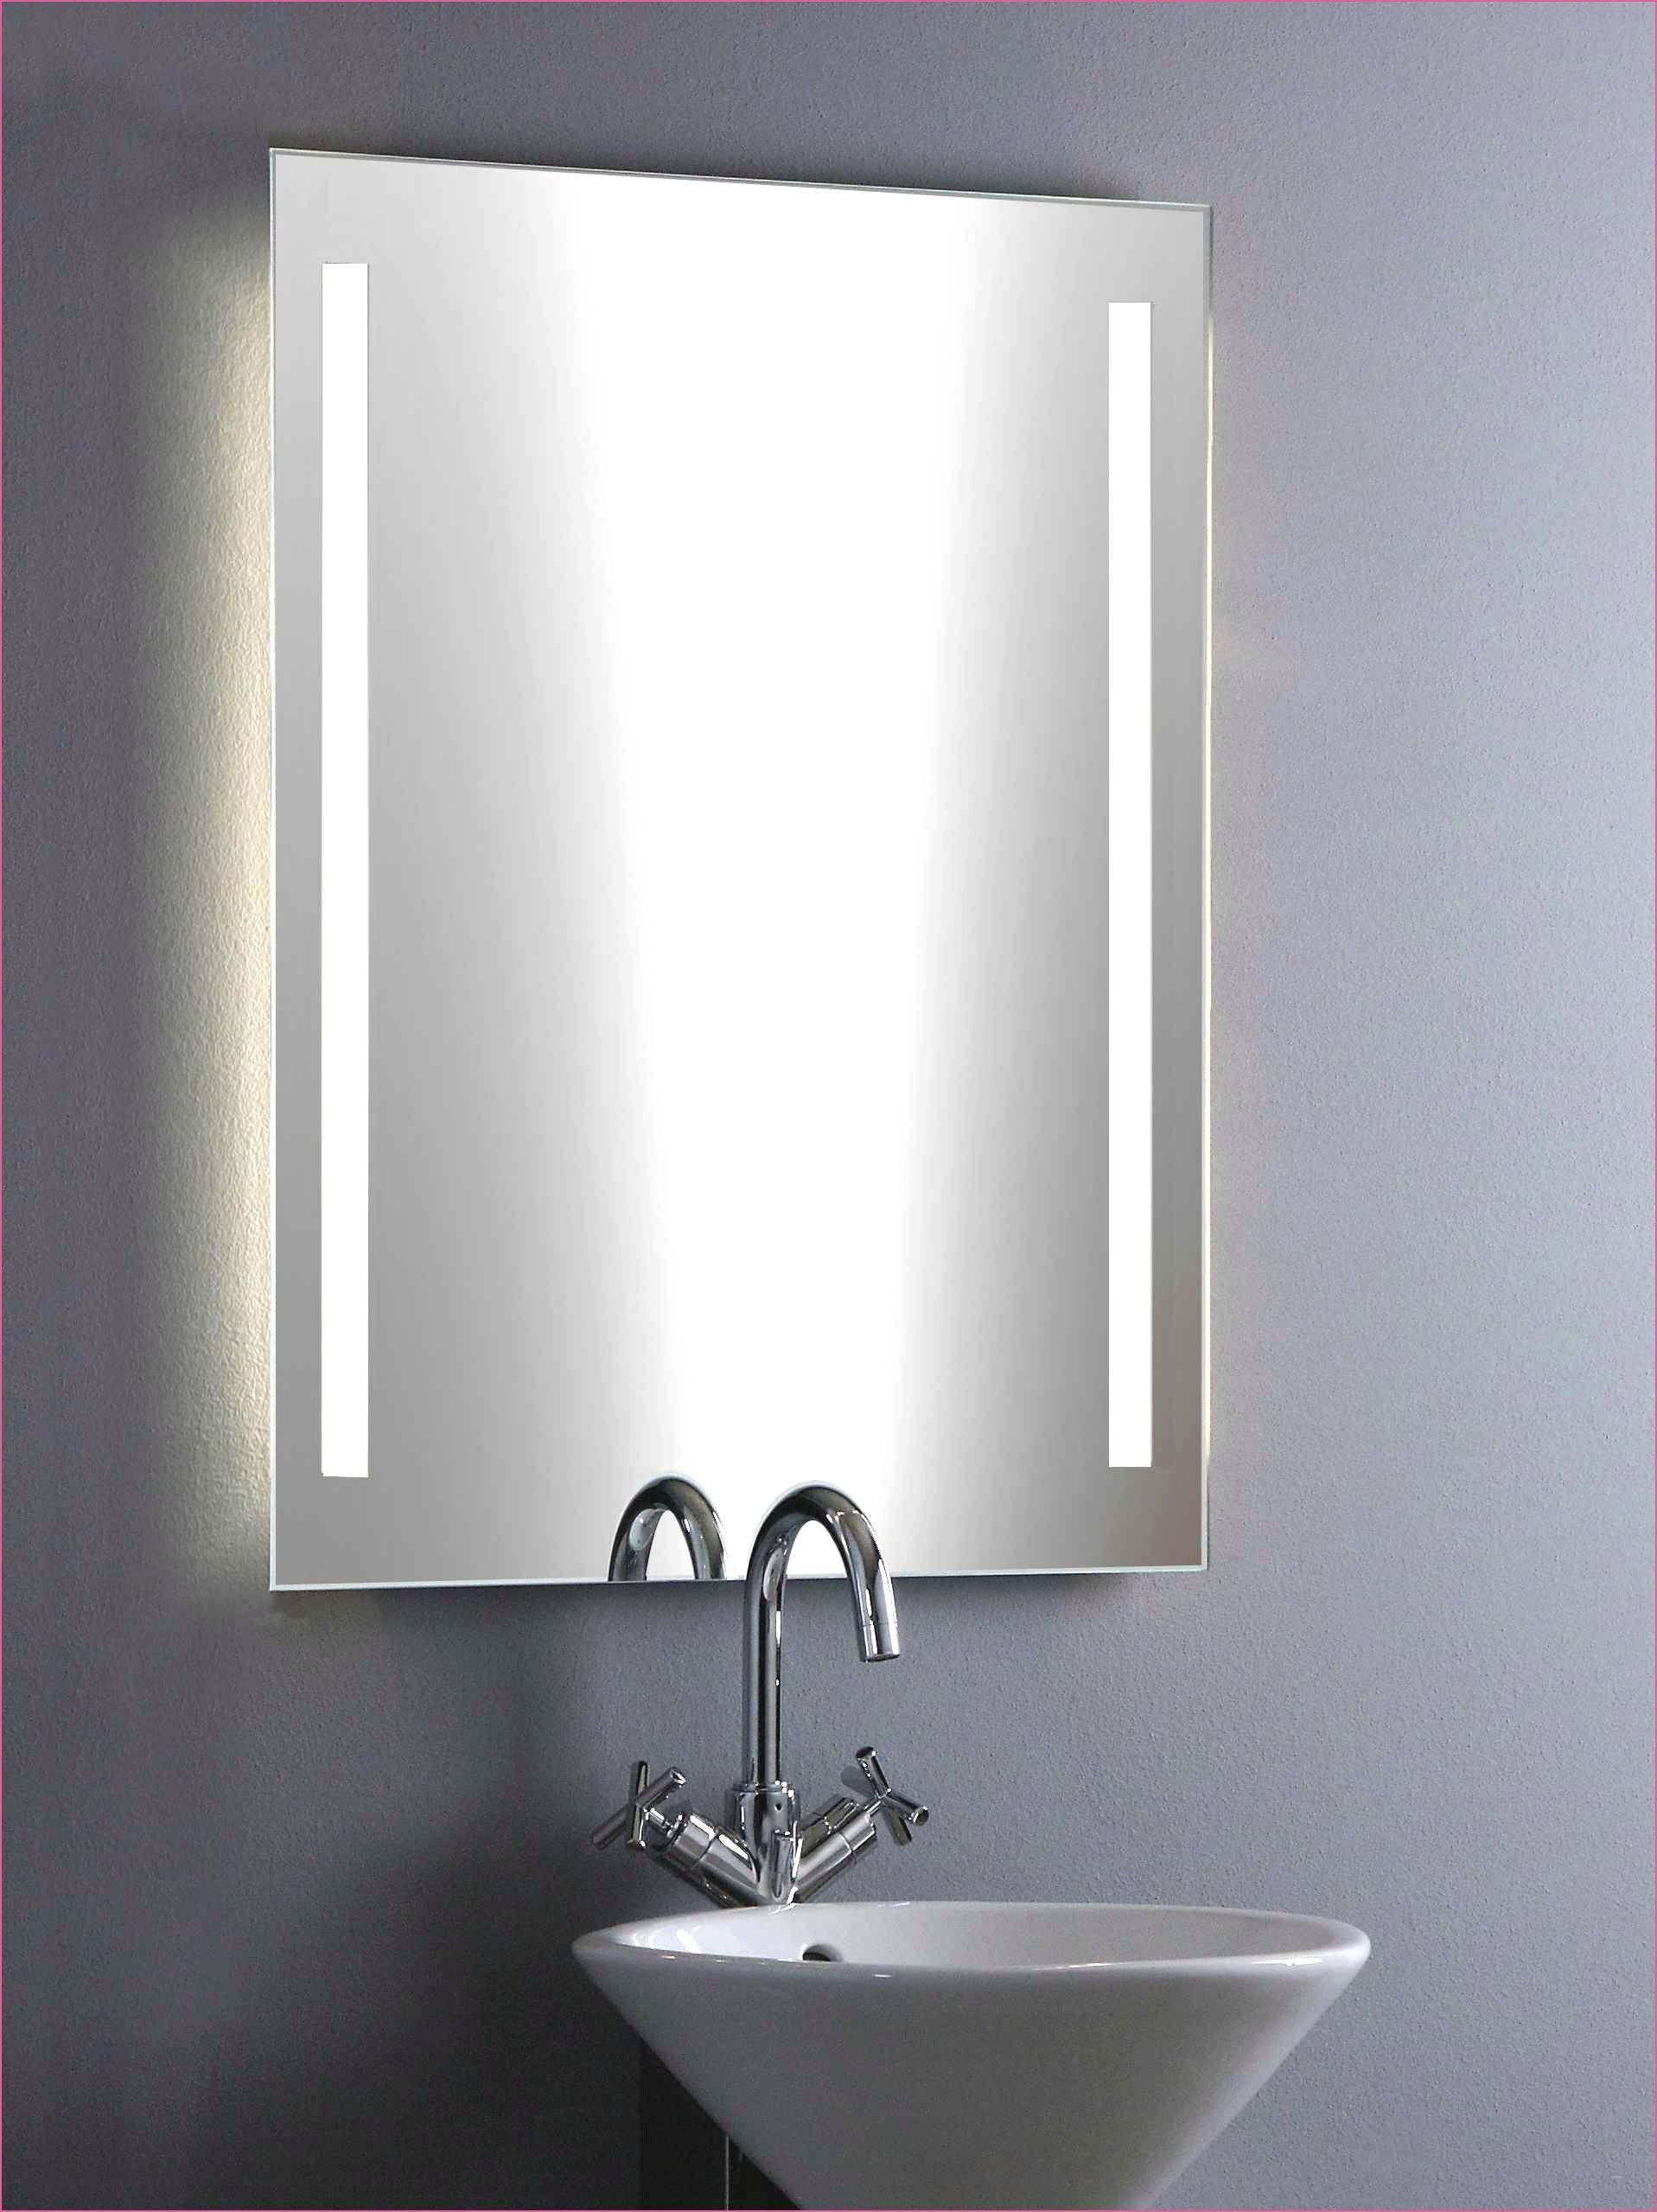 Dekorativer Spiegel Rund In 2020 Badezimmerbeleuchtung Beleuchtung Bad Spiegel Beleuchtung